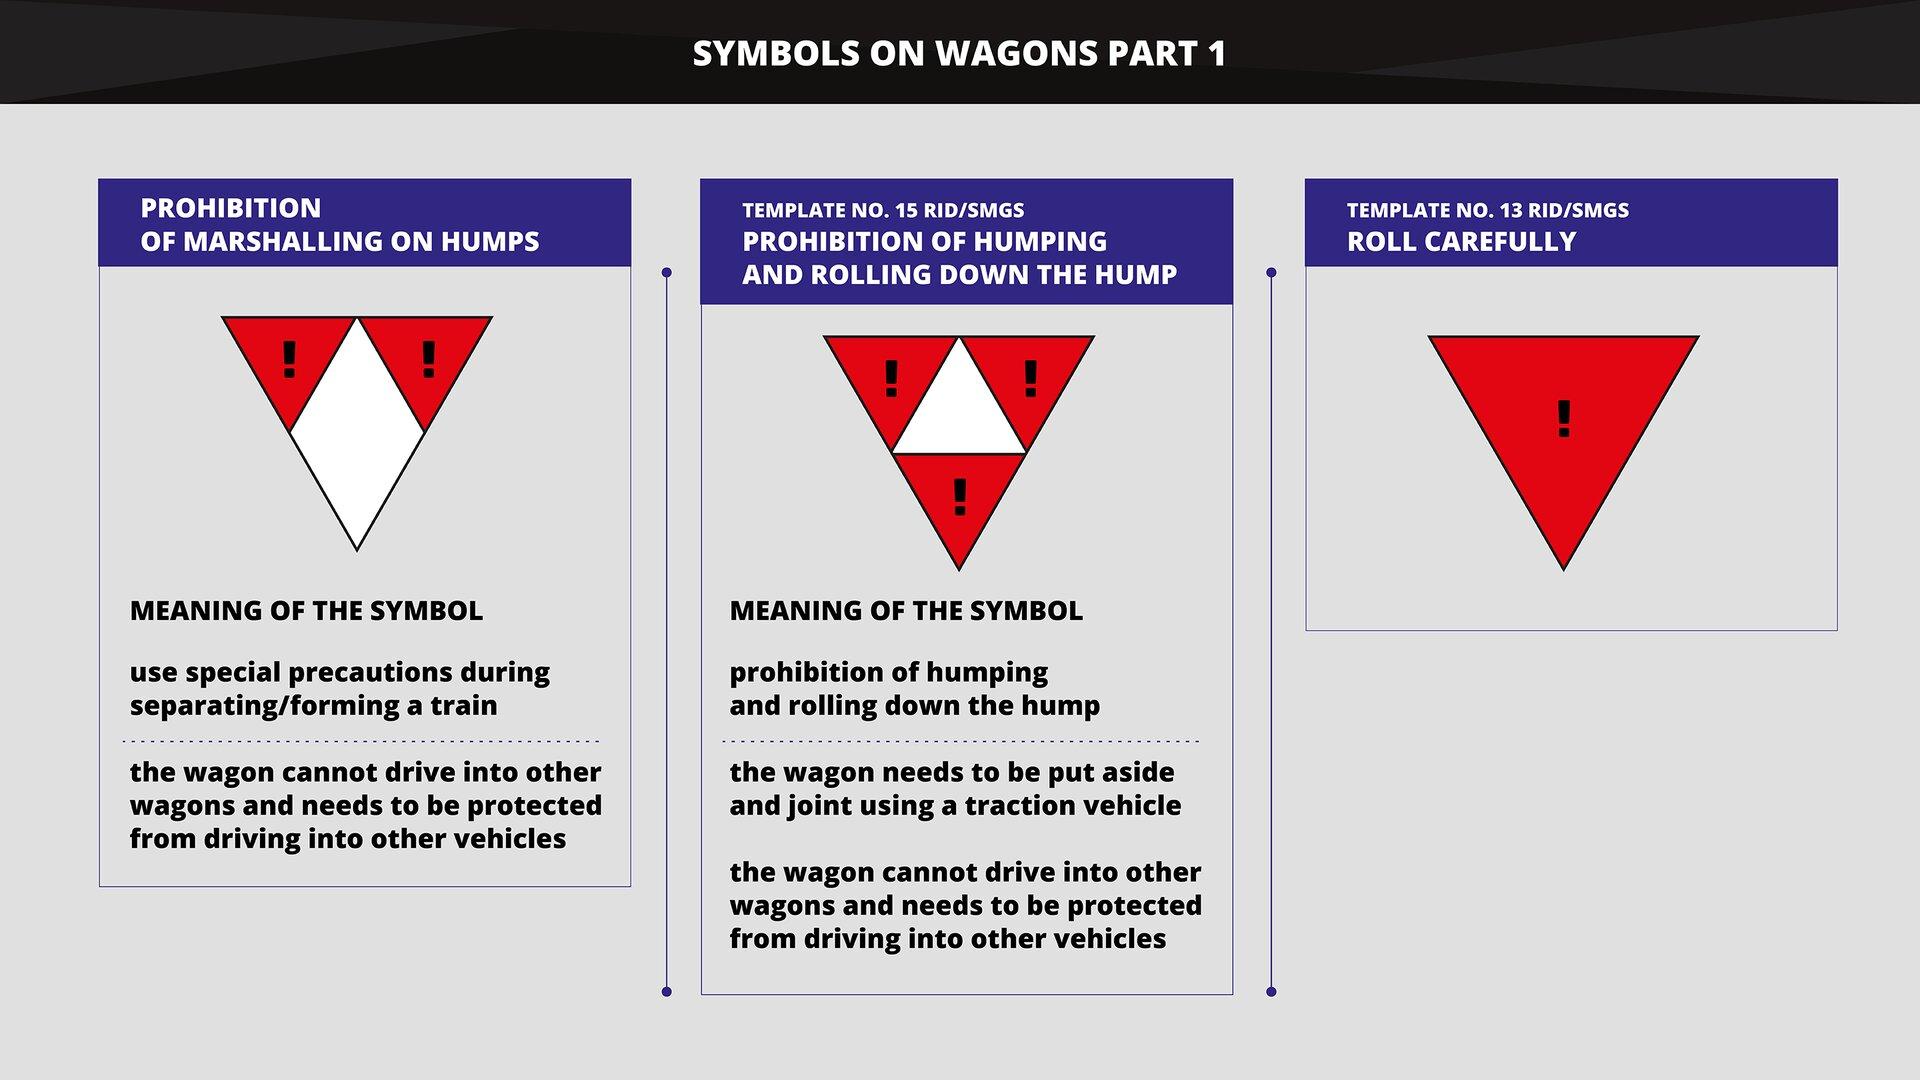 The graphics shows selected symbols, shunting signs and warning labels and signs on wagons that require exercising particular caution during shunting. Grafika przedstawia wybrane oznaczenia, znaki manewrowania oraz nalepki inapisy ostrzegawcze na wagonach wymagające zachowania szczególnej ostrożności przy wykonywaniu manewrów.